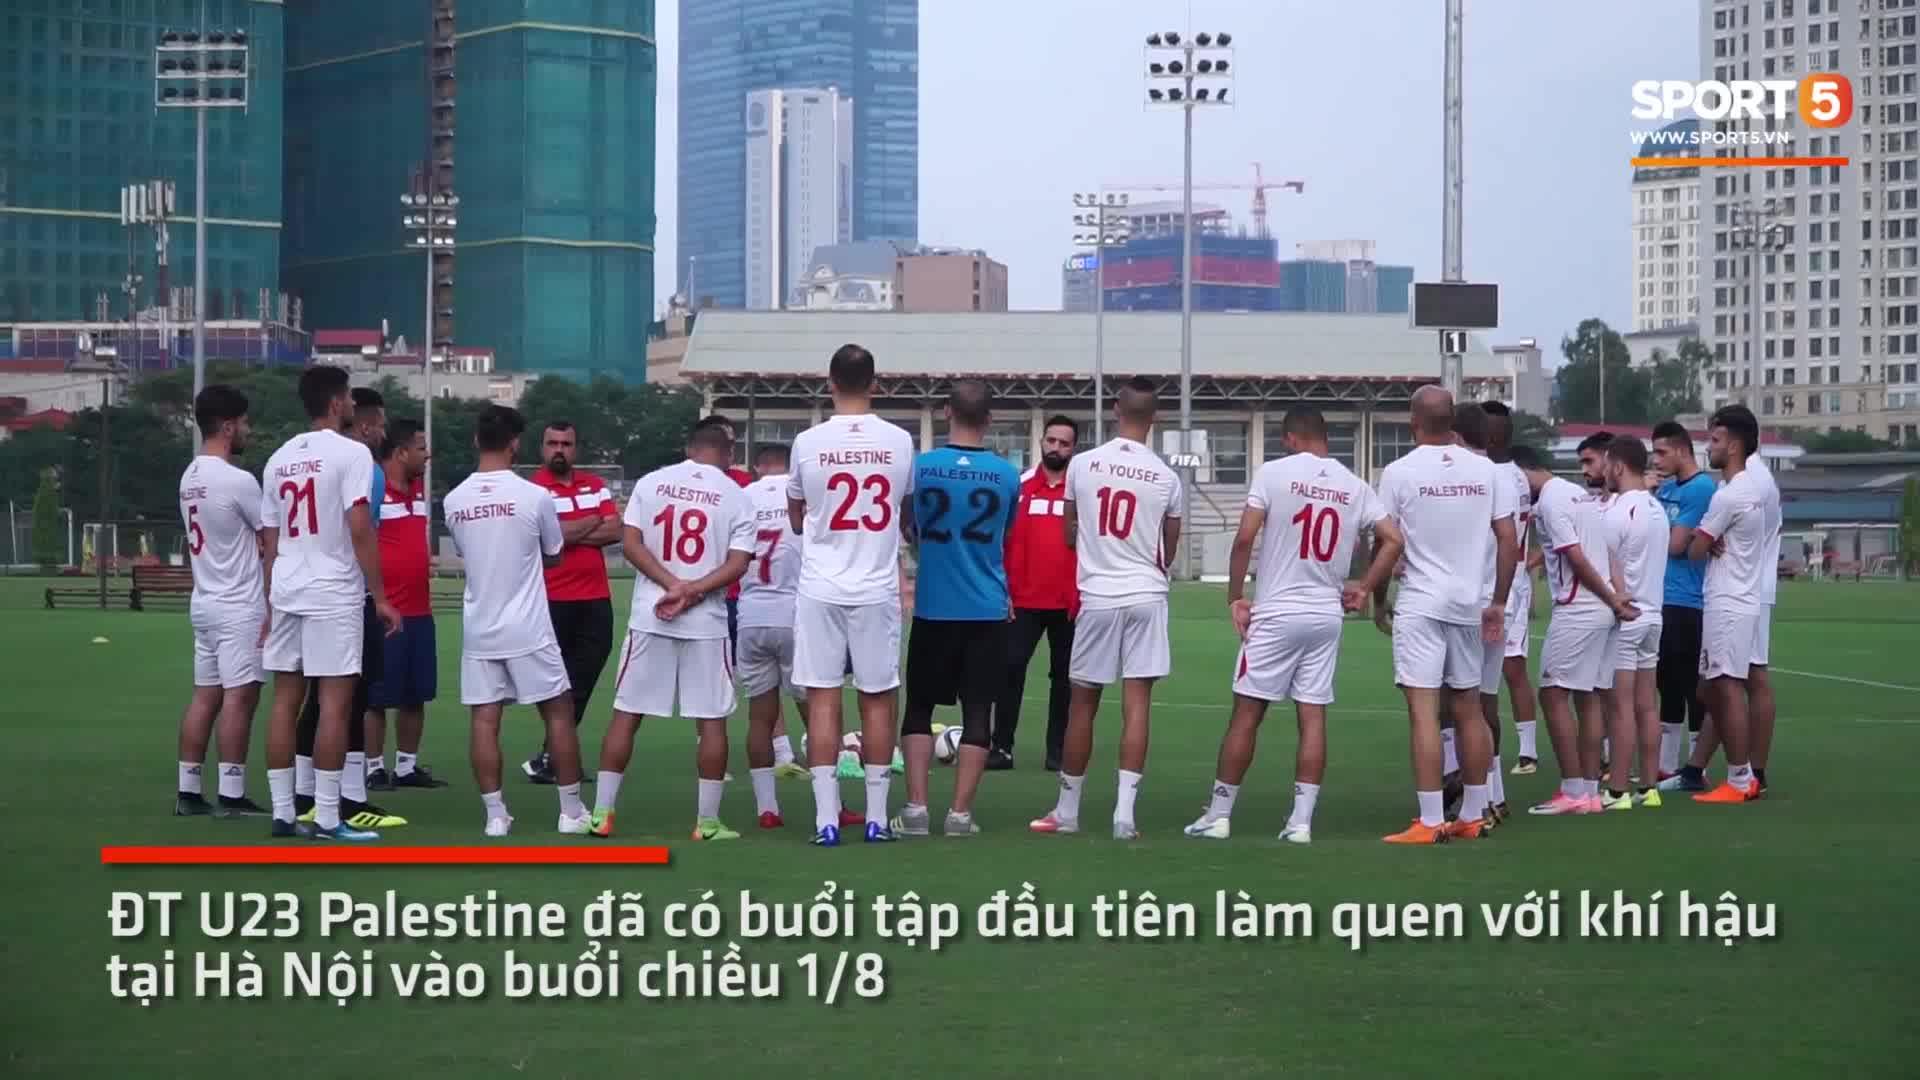 U23 Palestine có buổi tập đầu tiên trong chiều ngay sau khi đặt chân tới Việt Nam sáng ngày 1/8